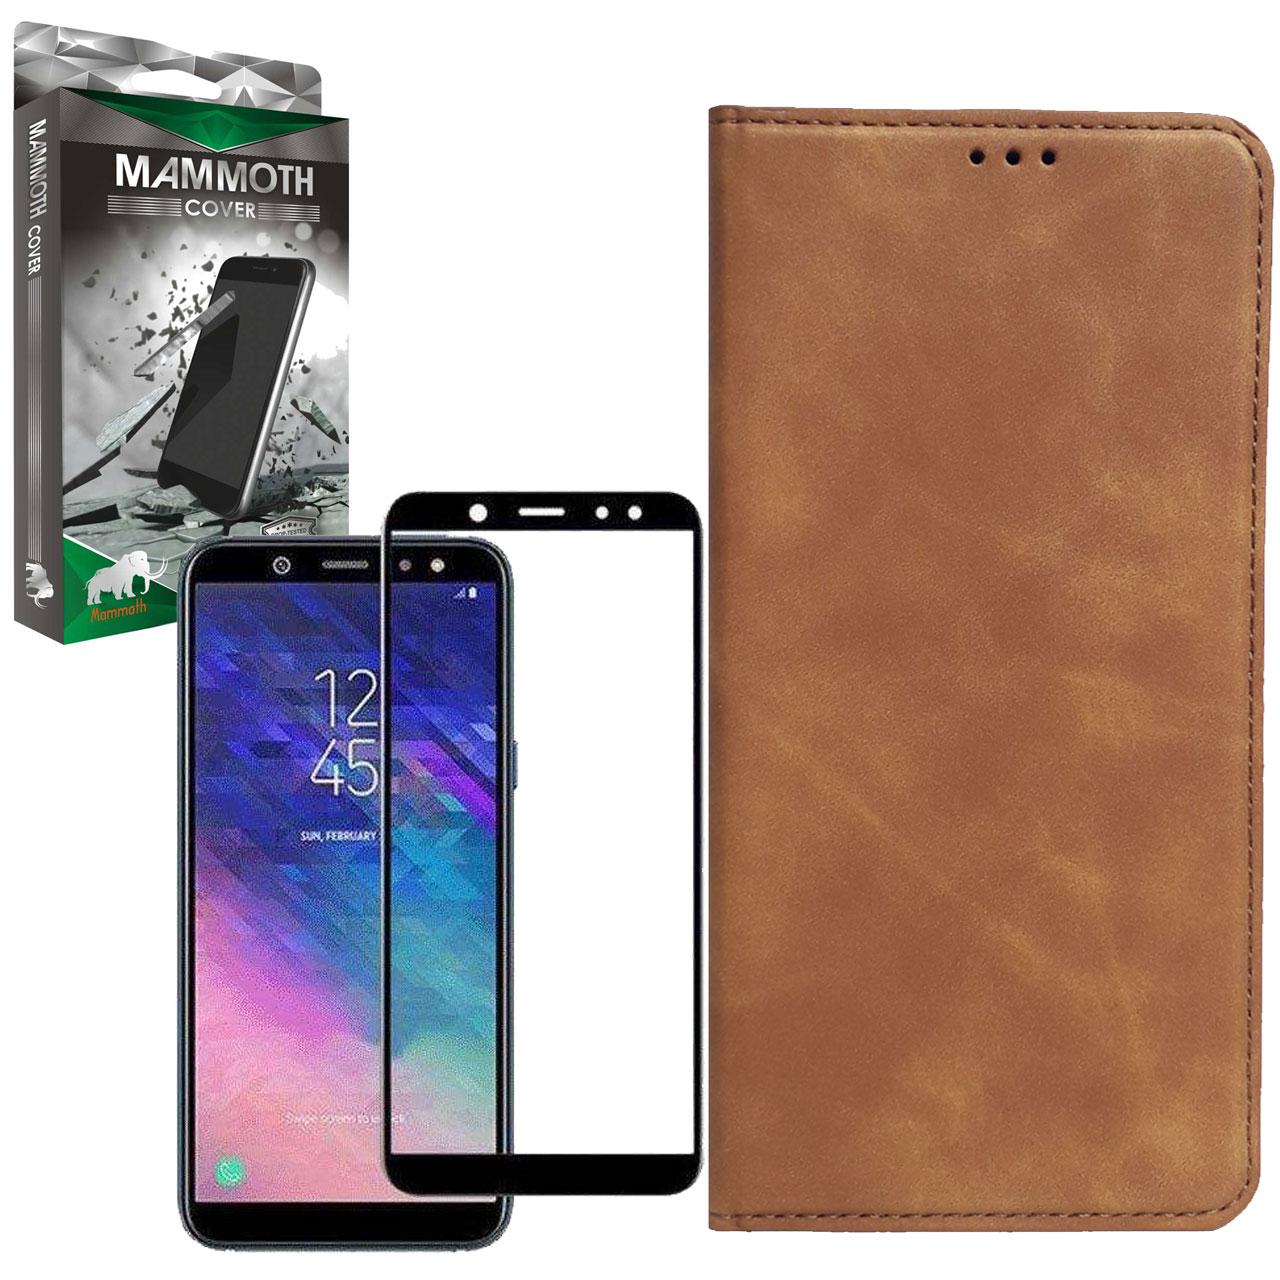 کیف کلاسوری ماموت مدل KLSR مناسب برای گوشی موبایل سامسونگ Galaxy A6 Plus به همراه محافظ صفحه نمایش